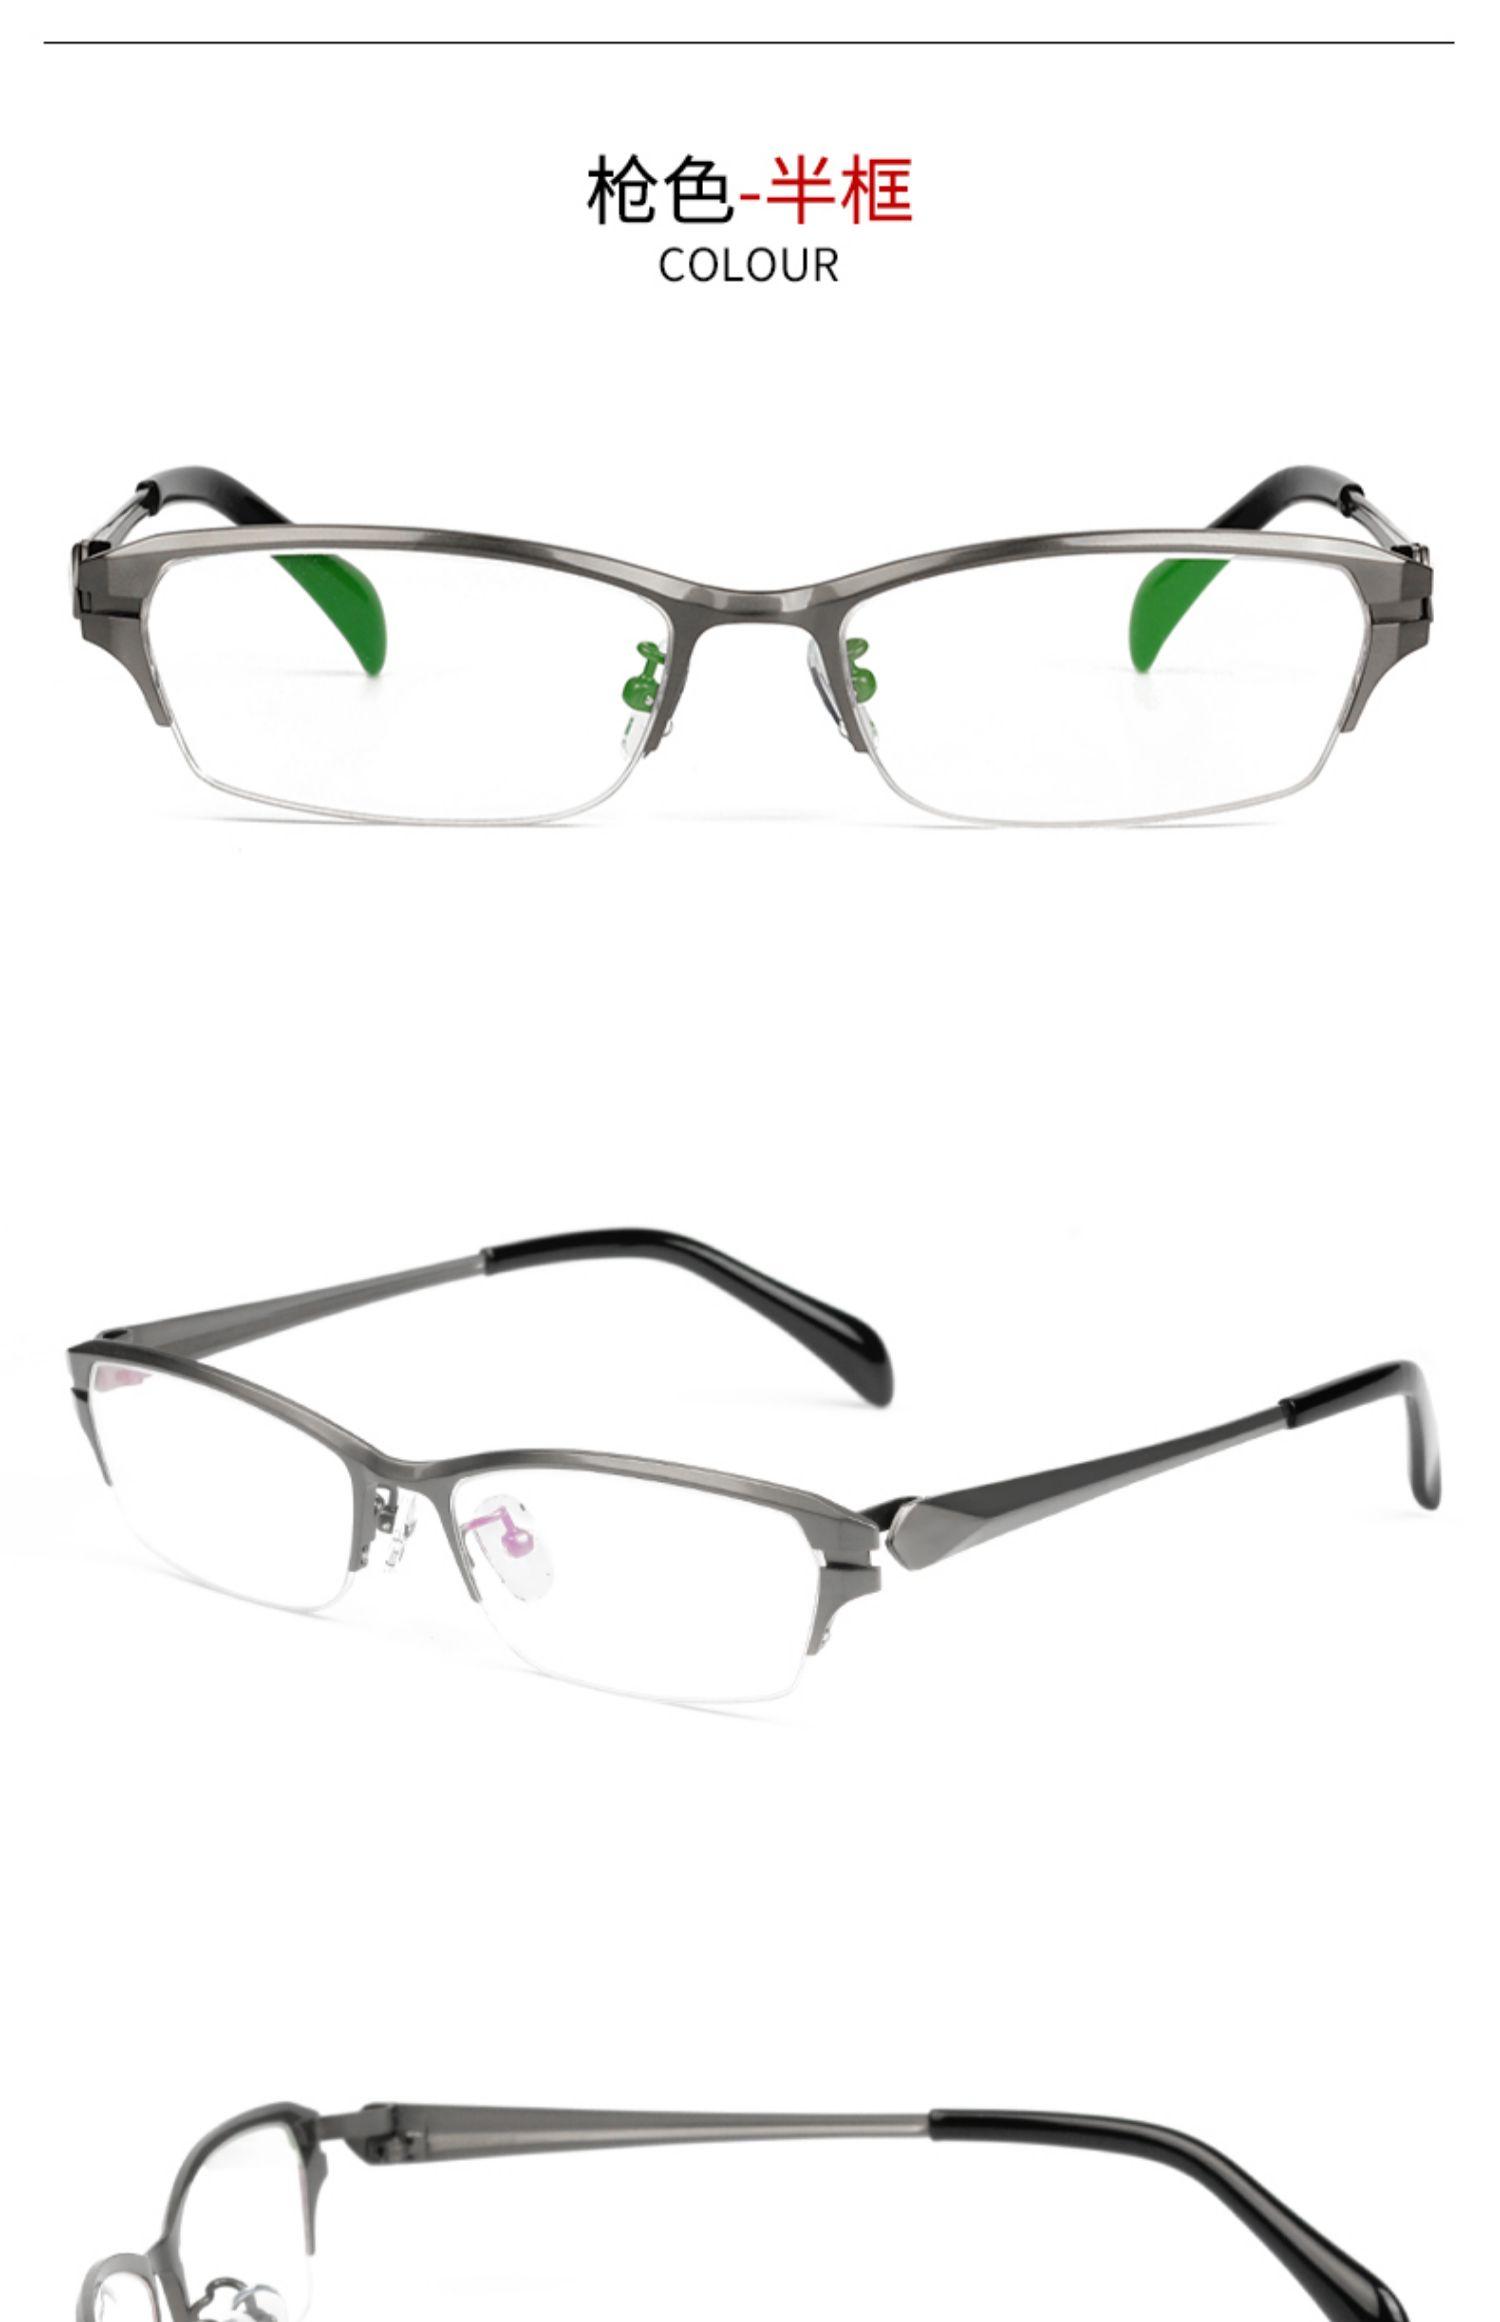 近视眼镜可配度数男超轻纯钛全框眼镜框潮变色小脸眼睛近视镜男款商品详情图